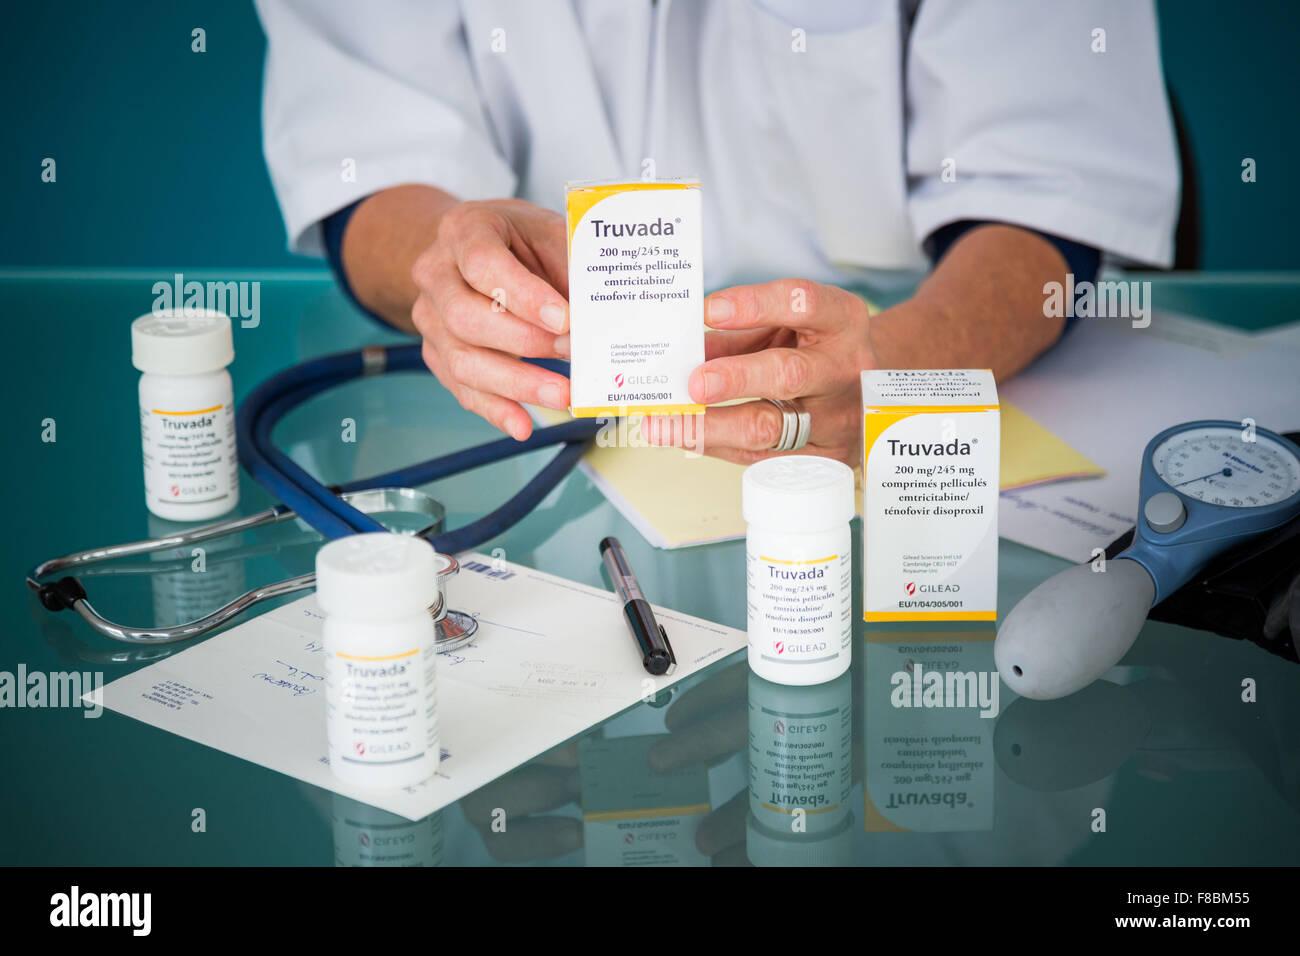 Le Truvada ® prescription, l'usage de drogues en sida thérapie triple traitement. Photo Stock